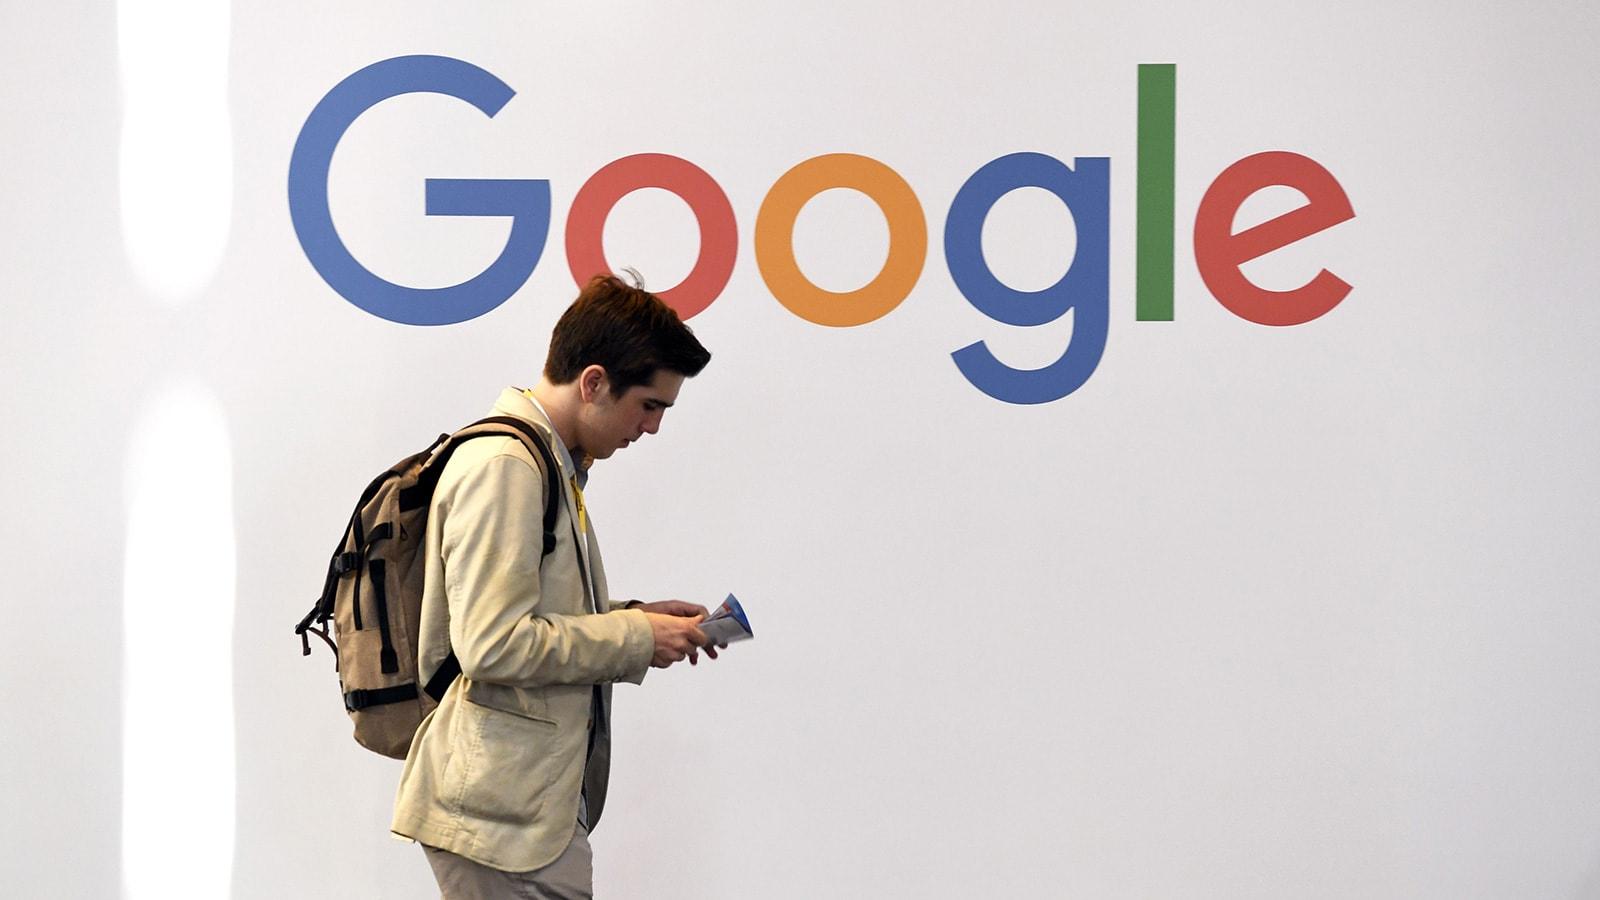 """خاصية جديدة من """"غوغل إيرث"""" تُظهر 40 عاماً من التغيّر المناخي خلال ثوان"""